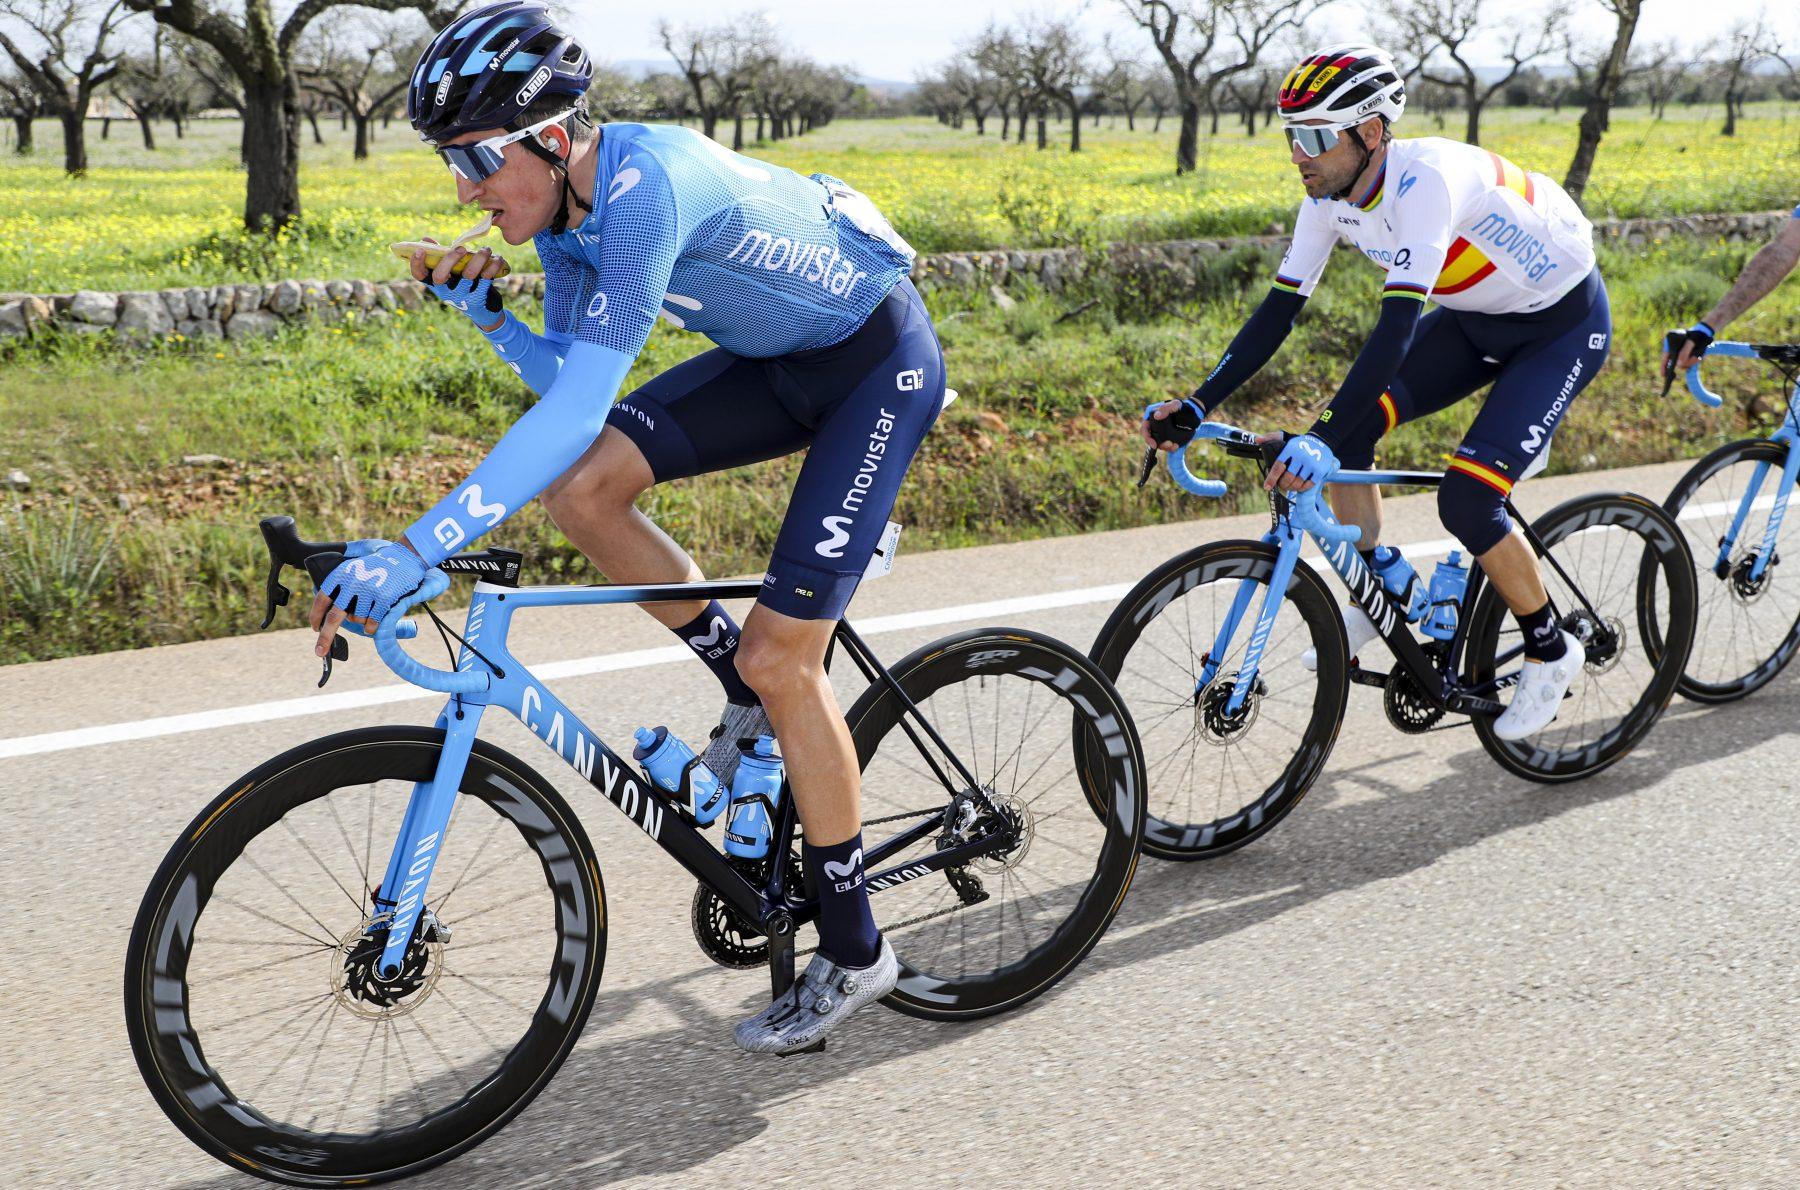 Imagen de la noticia 'In-form Soler, Valverde lead Vuelta CV lineup'